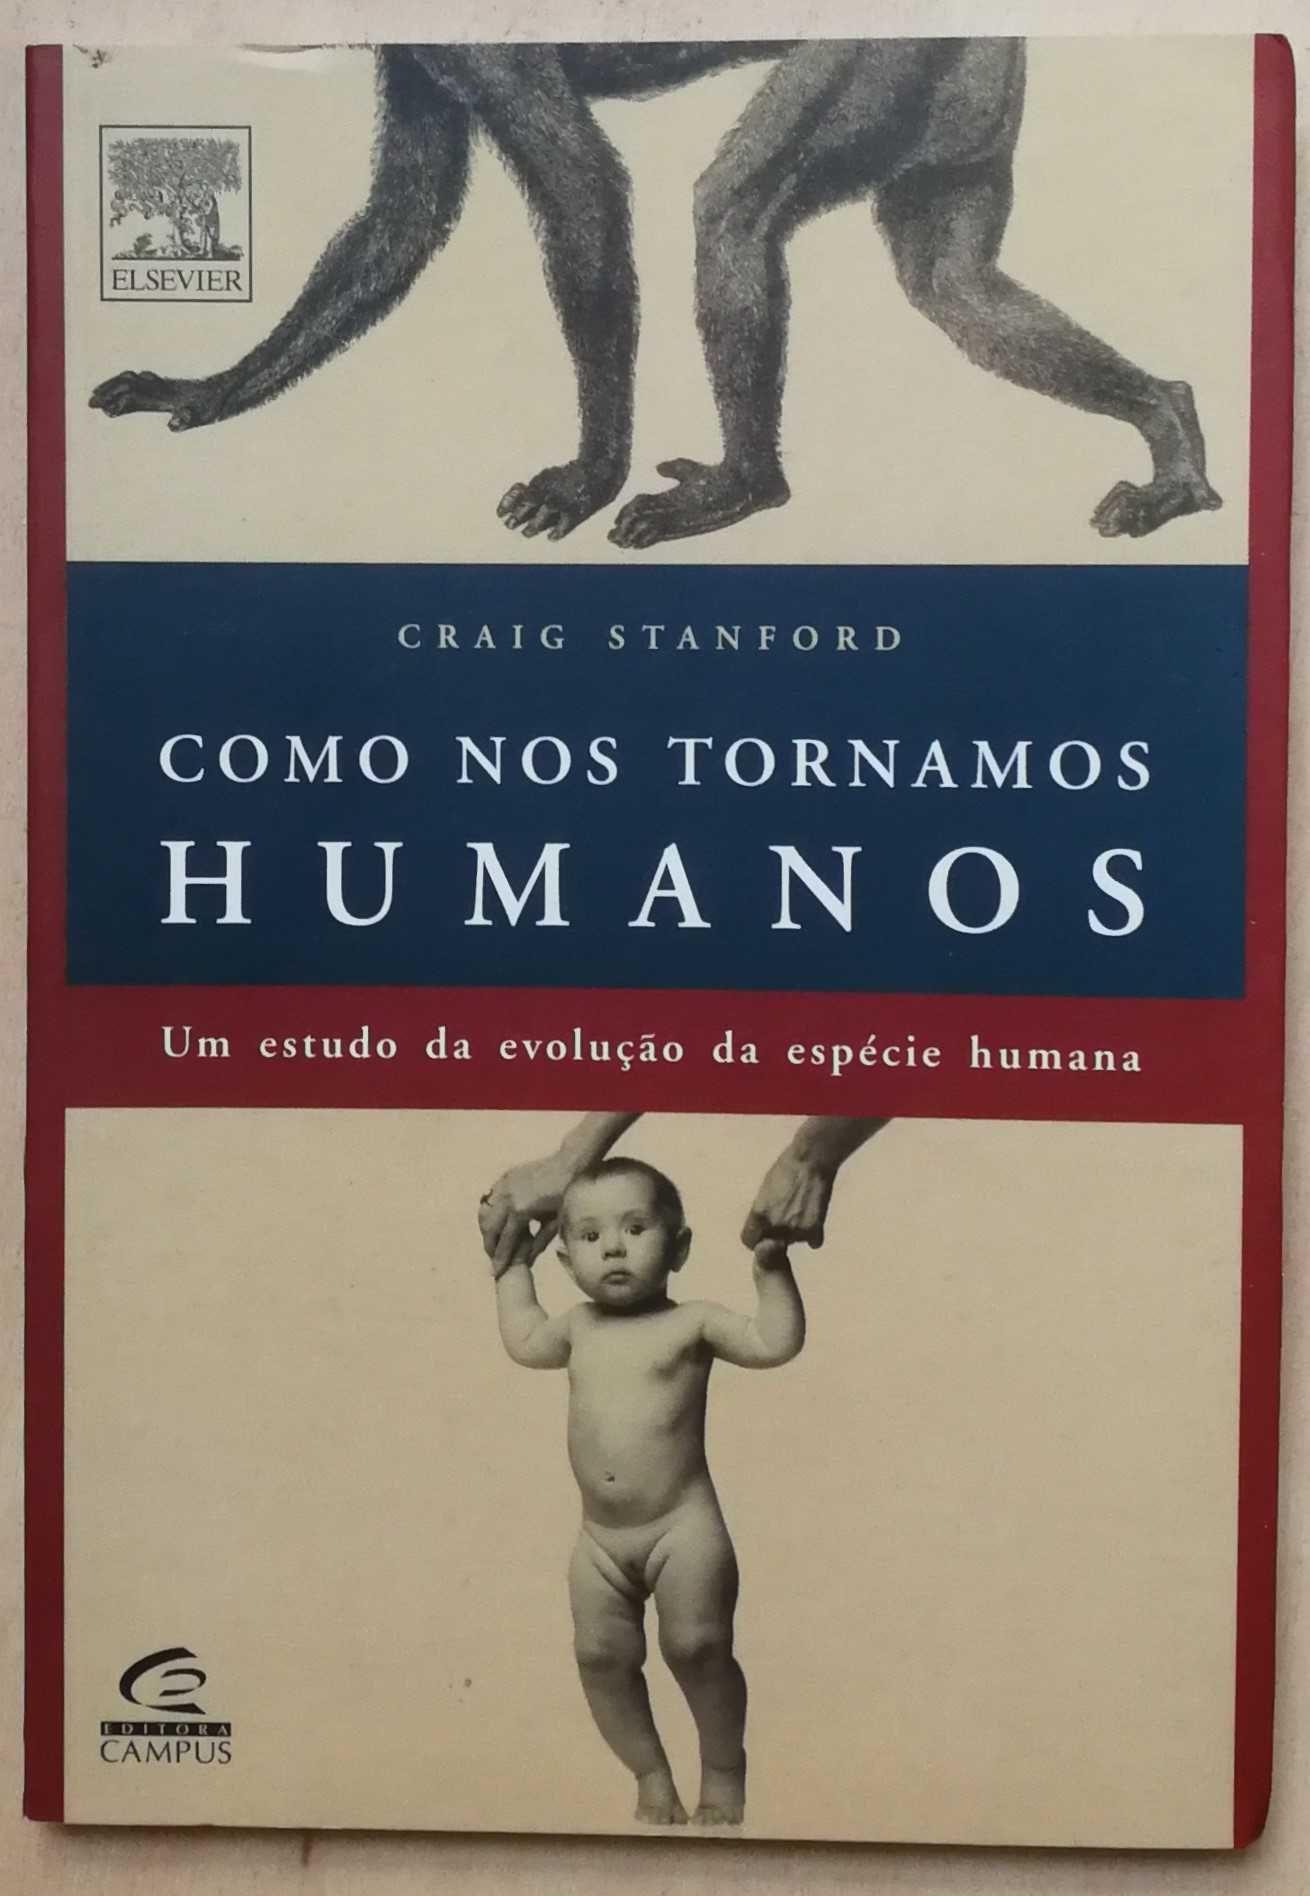 como nos tornamos humanos, craig stanford, campus